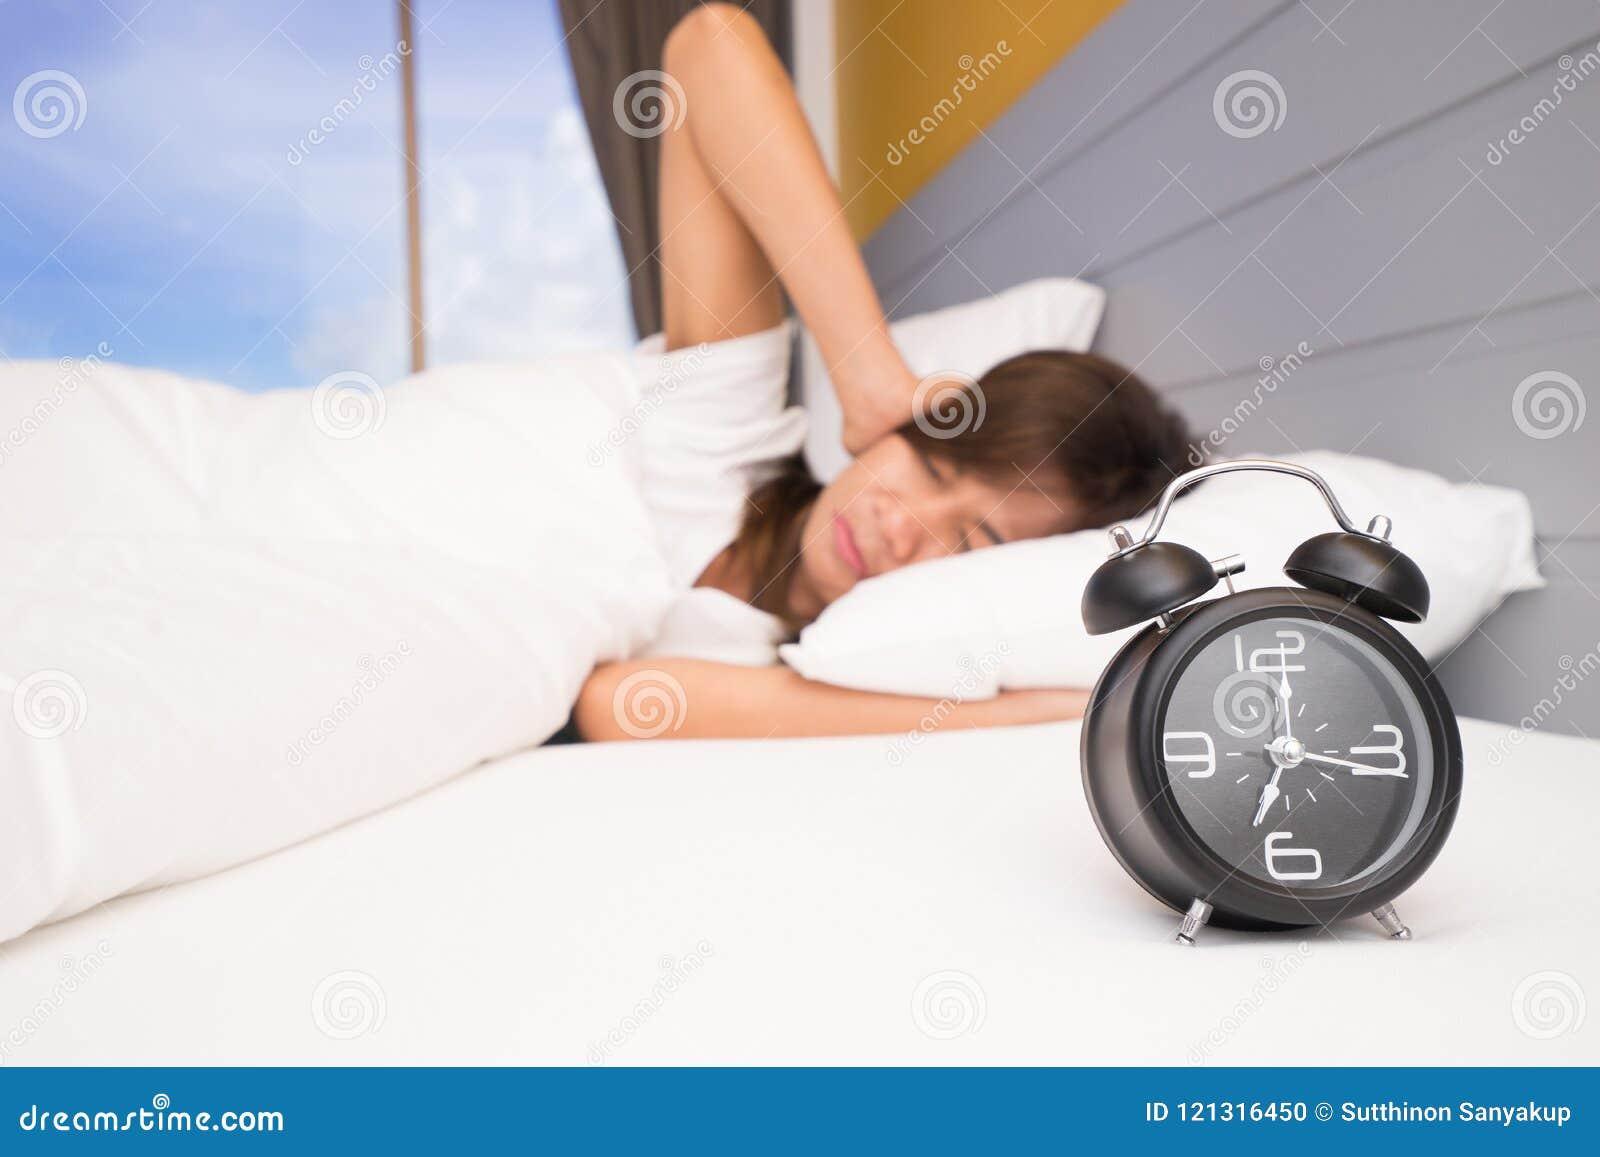 Réveillez-vous, femme asiatique dans la main de élargissement de lit au réveil la fille arrête le réveil se réveillant pendant le